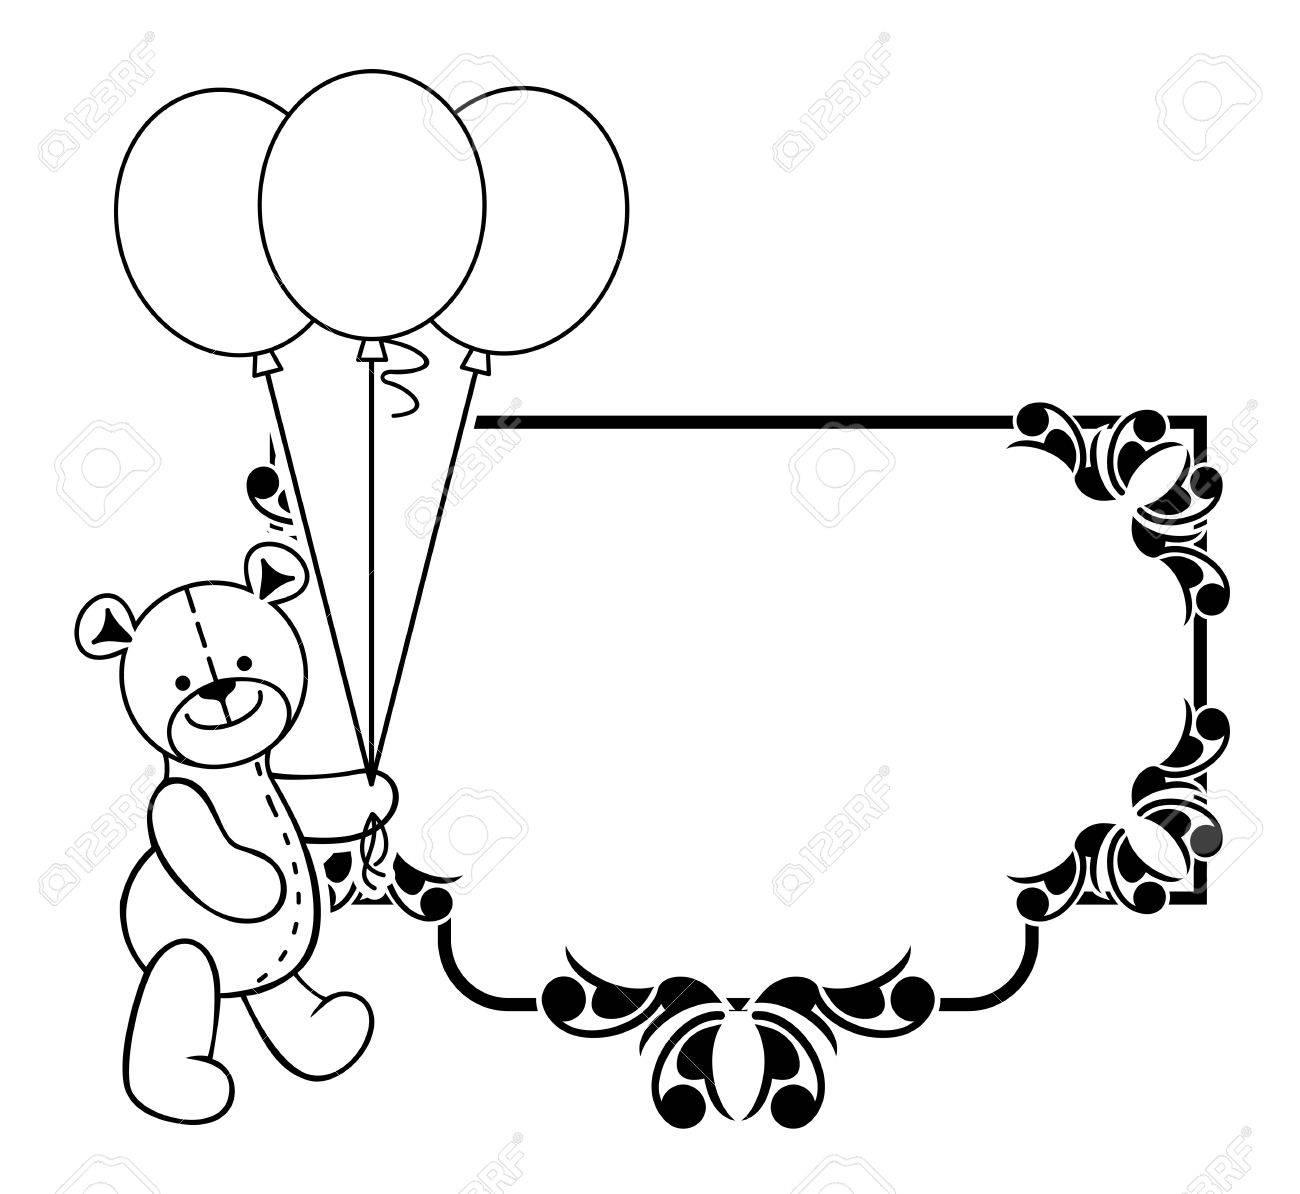 Schwarz-Weiß-Rahmen Mit Teddybär Plüschtier. Vektor Clip Art ...